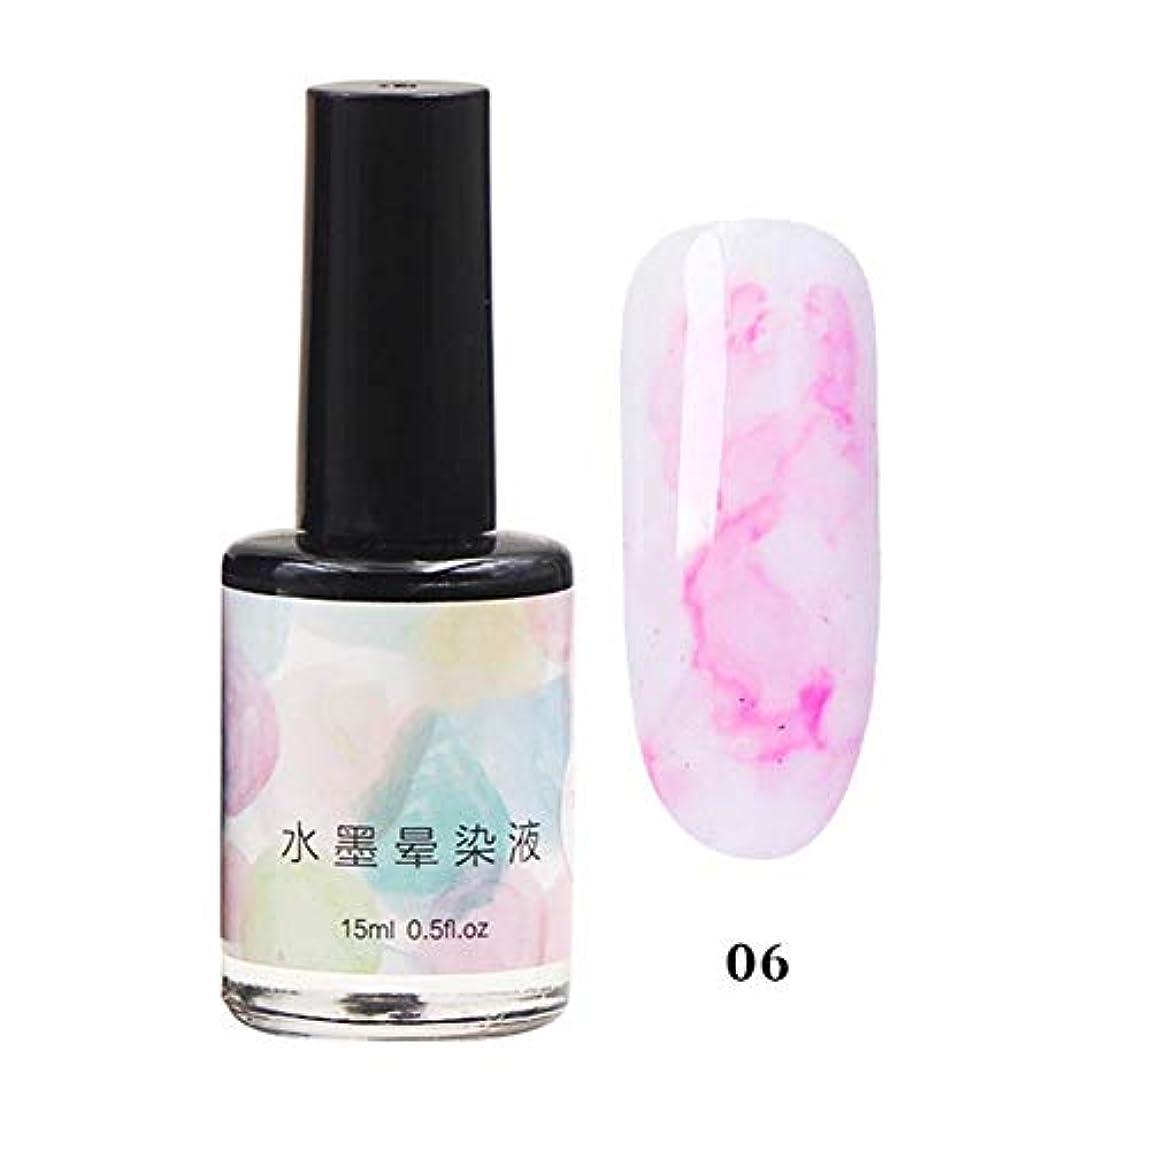 ワゴンカレッジスマイル11色選べる ネイルポリッシュ マニキュア ネイルアート 美しい 水墨柄 ネイルカラー 液体 爪に塗って乾かす 初心者でも簡単に使用できる junexi